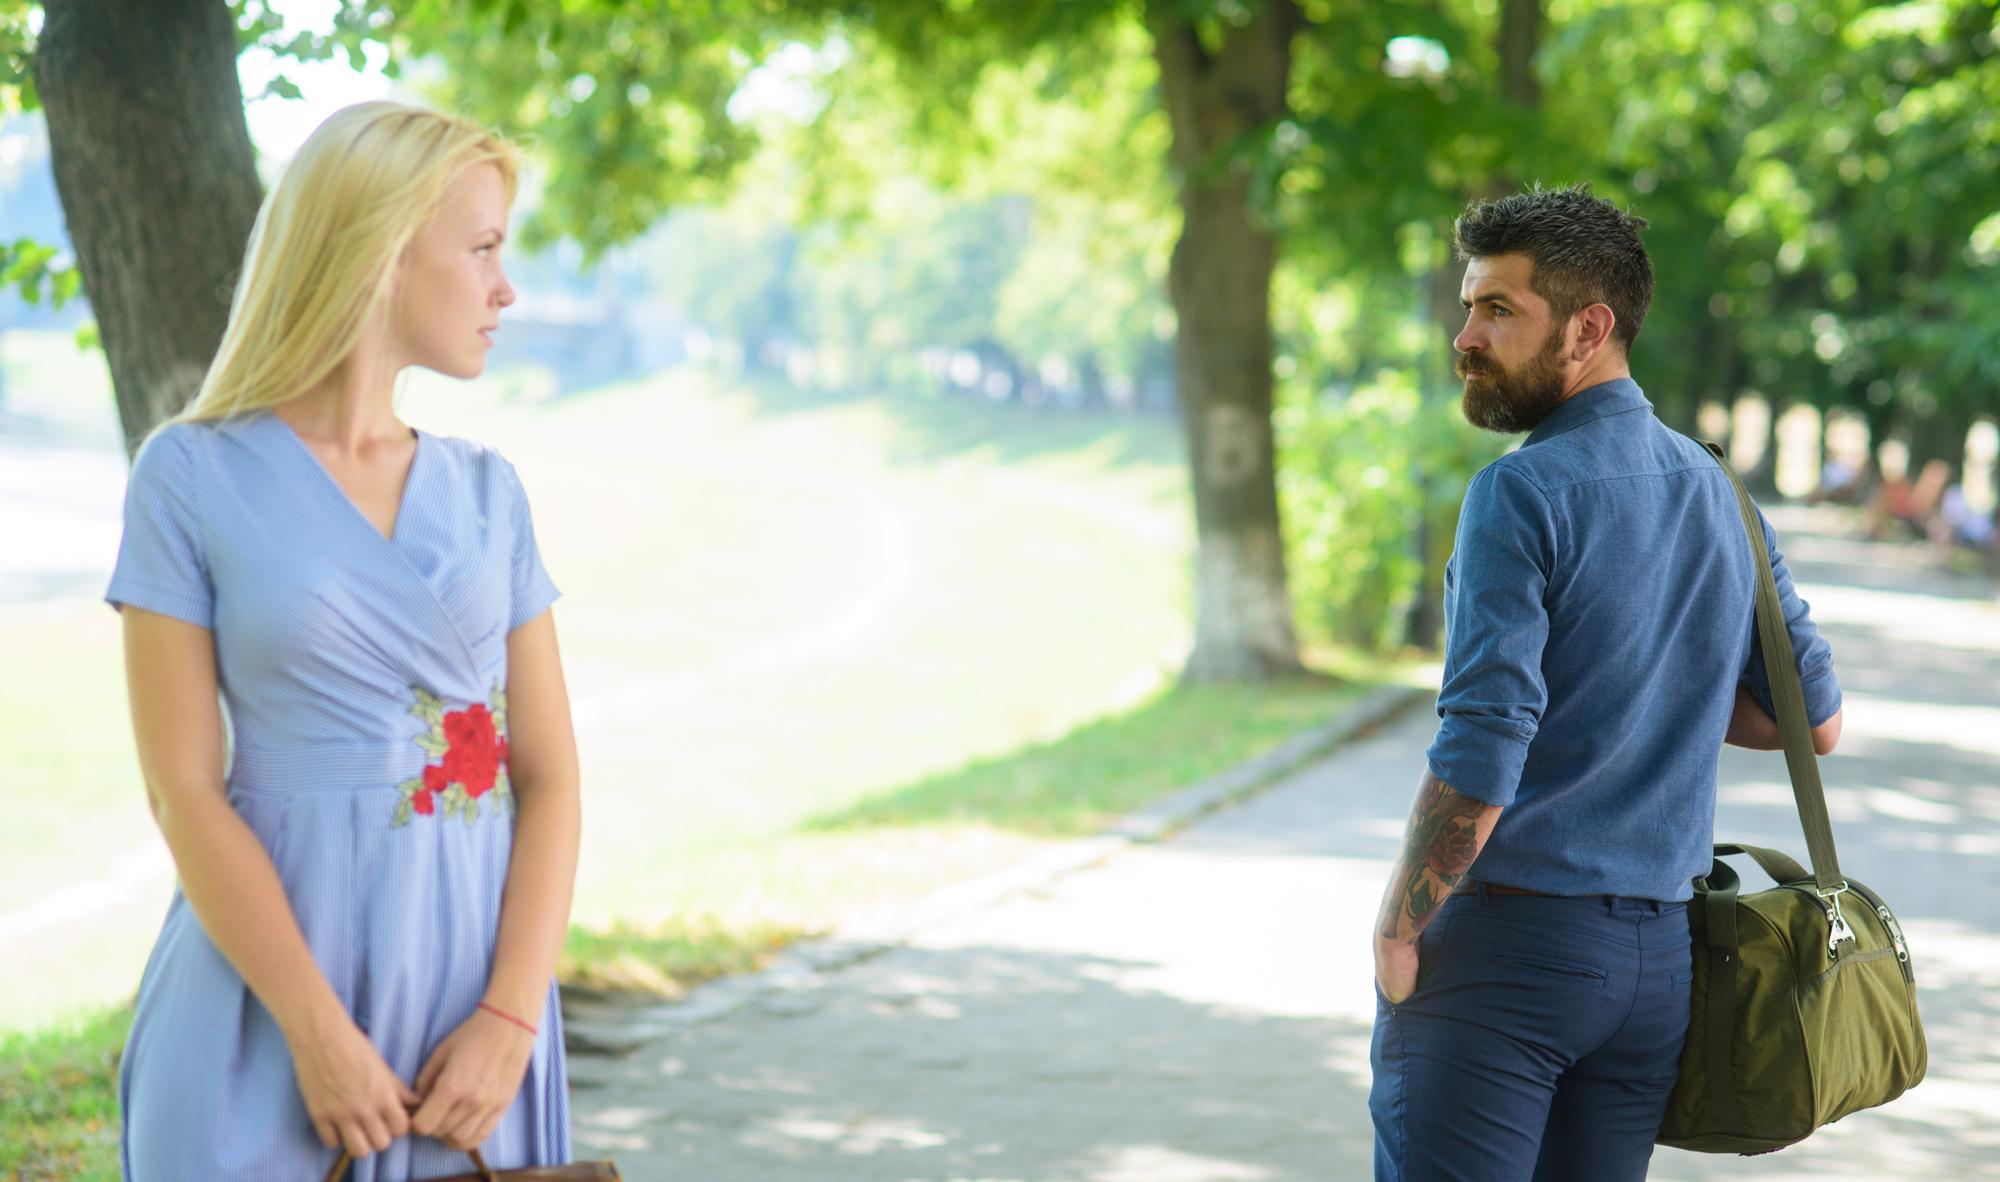 Έλξη σχέσεις: Η δύναμη της εικόνας, της μυρωδιάς και της φωνής